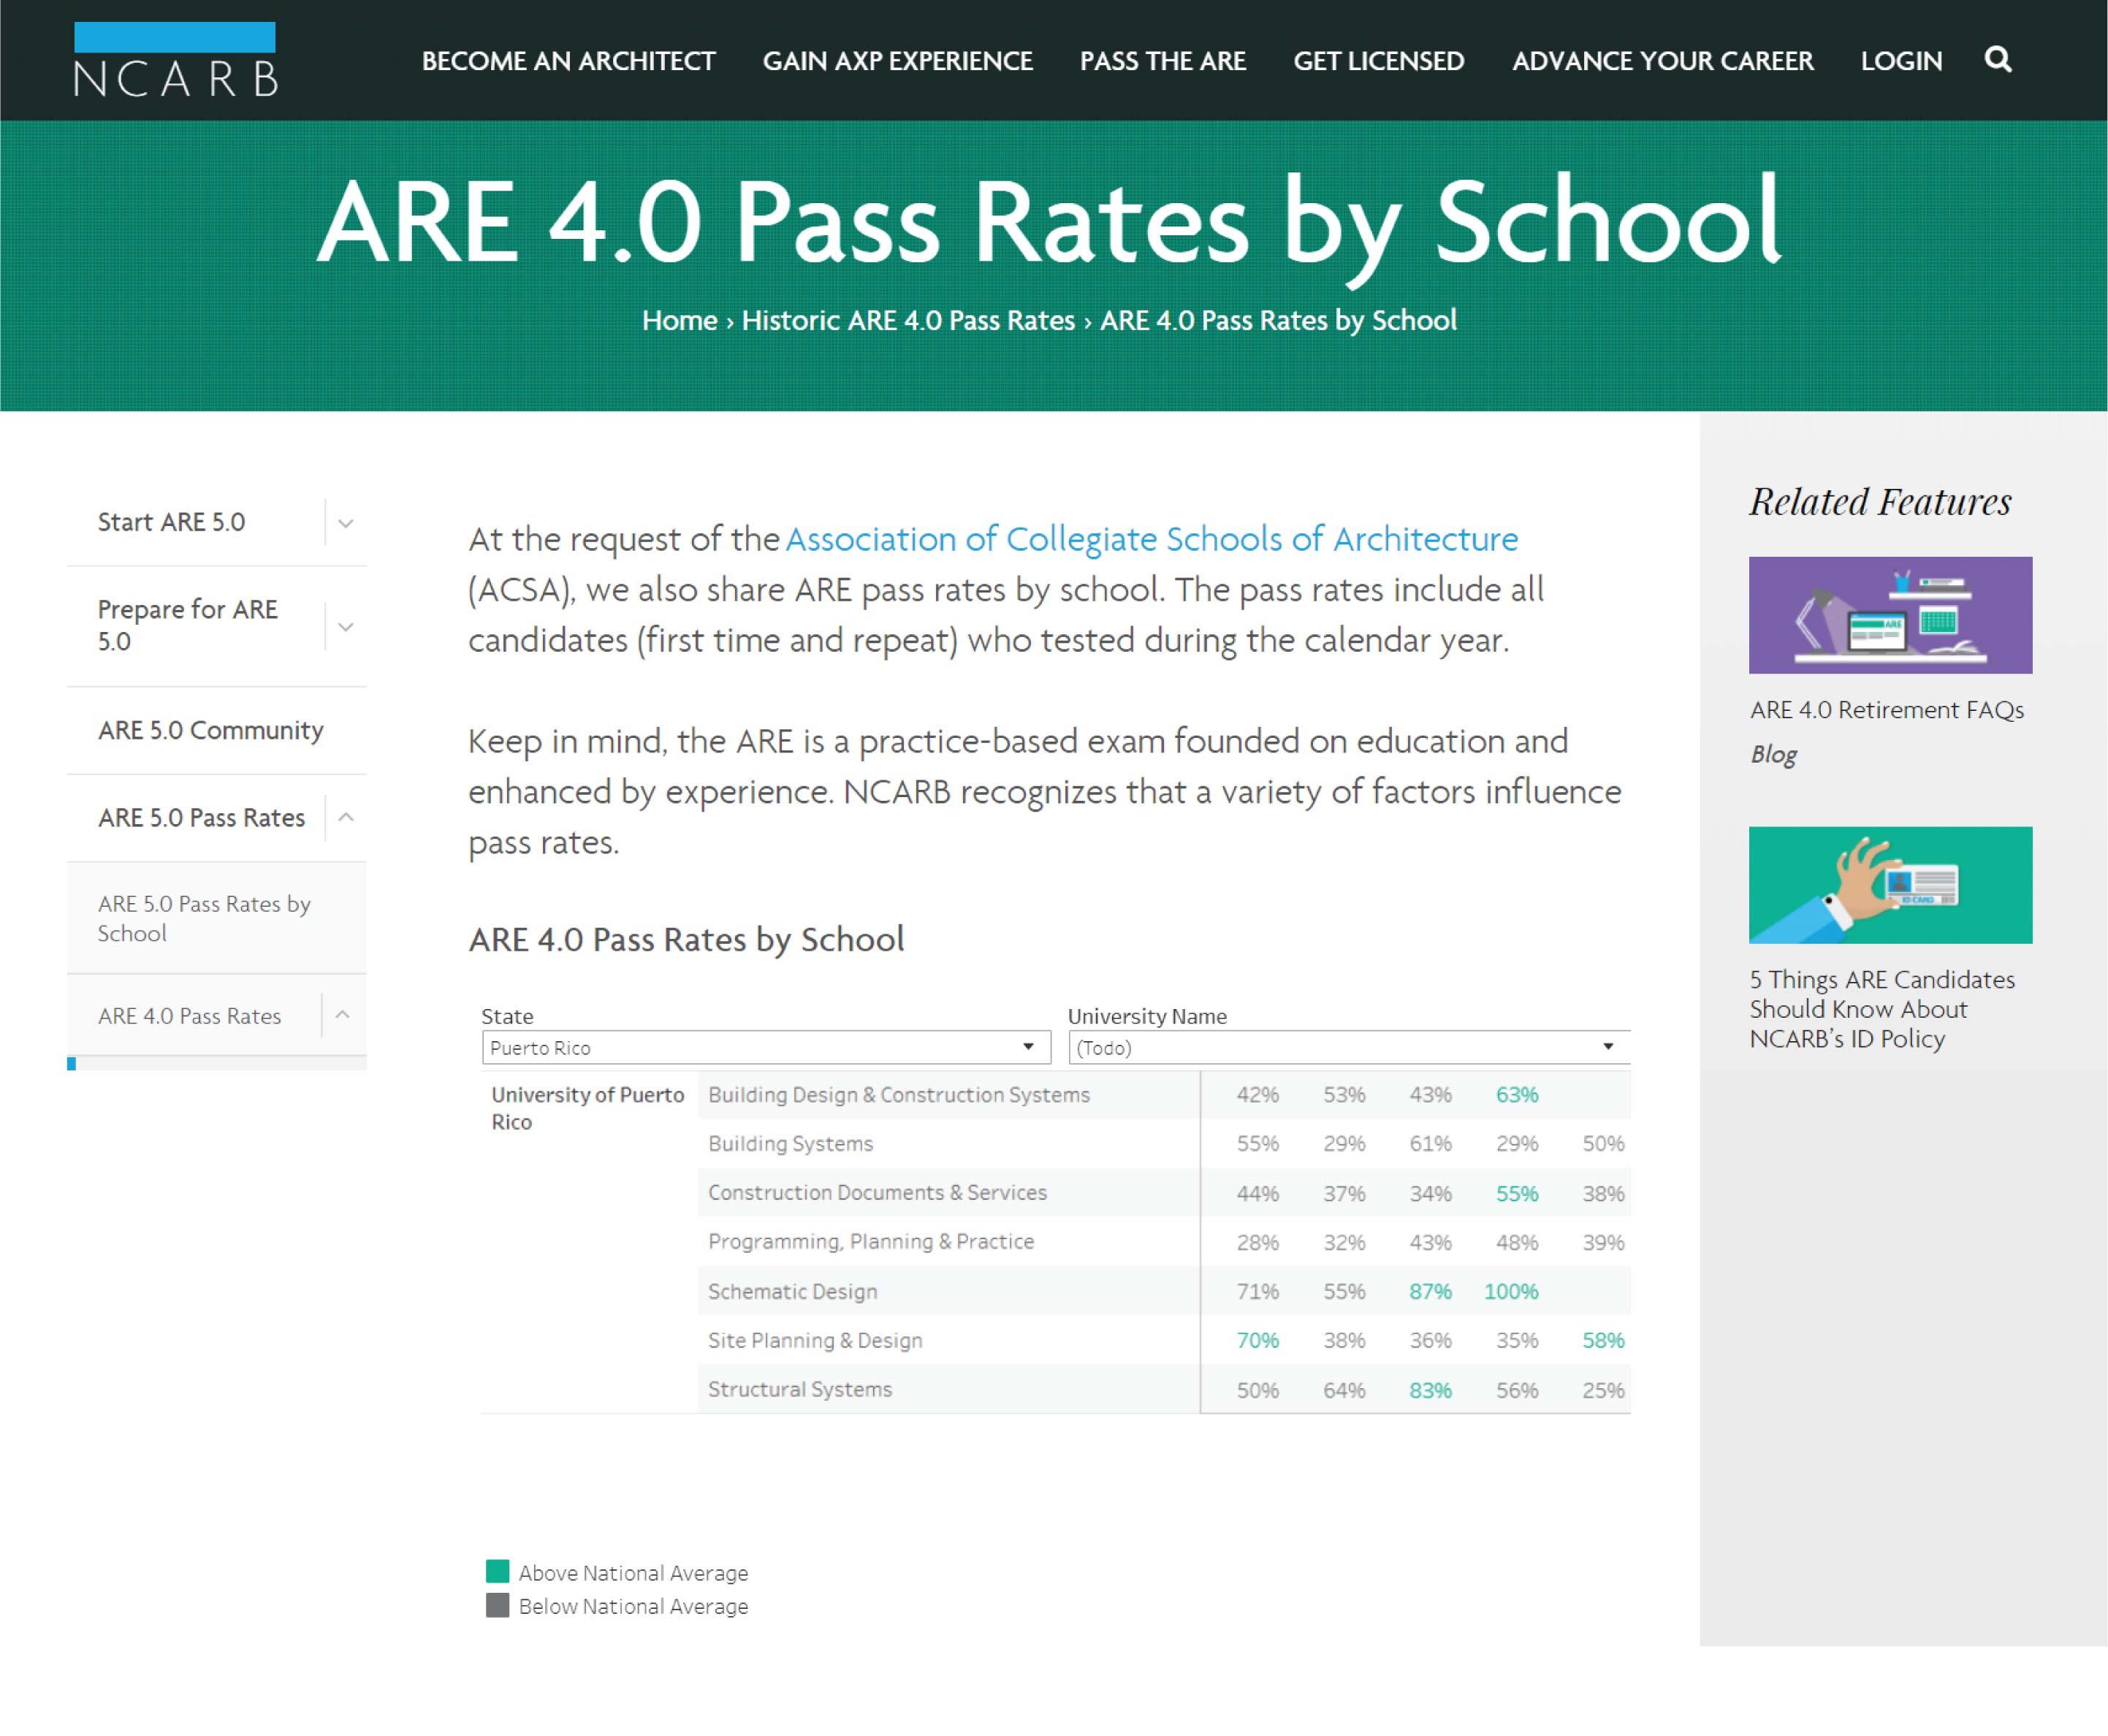 Imagen sobre ARE 4.0 Pass Rates by School de nuestra Escuela UPR